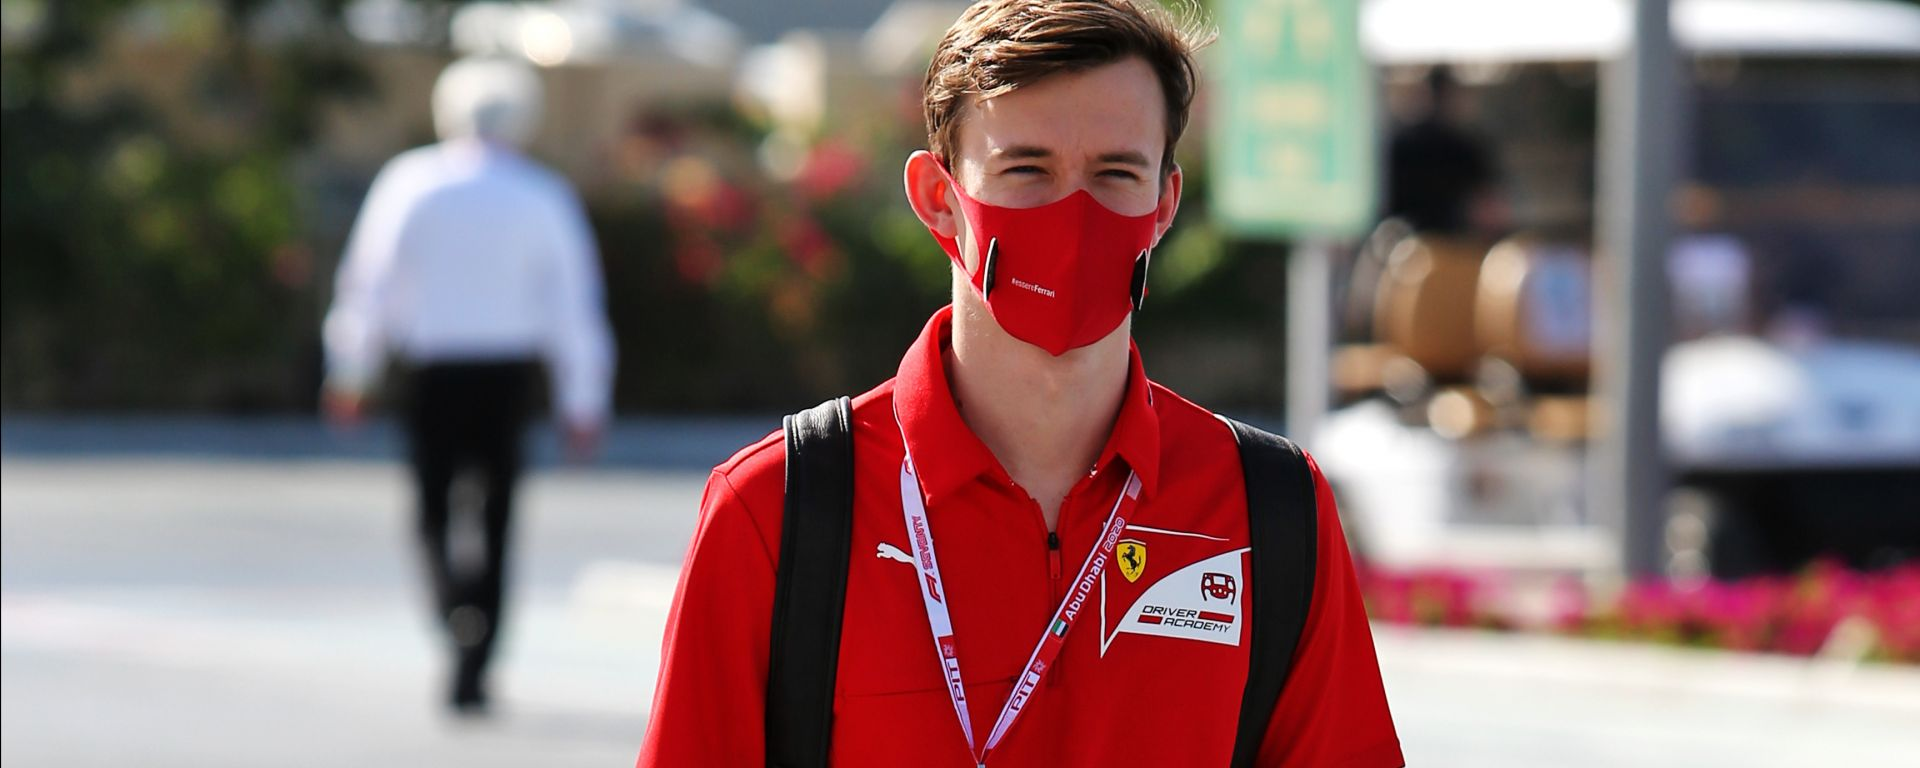 Ilott promosso: dalla FDA a collaudatore Ferrari